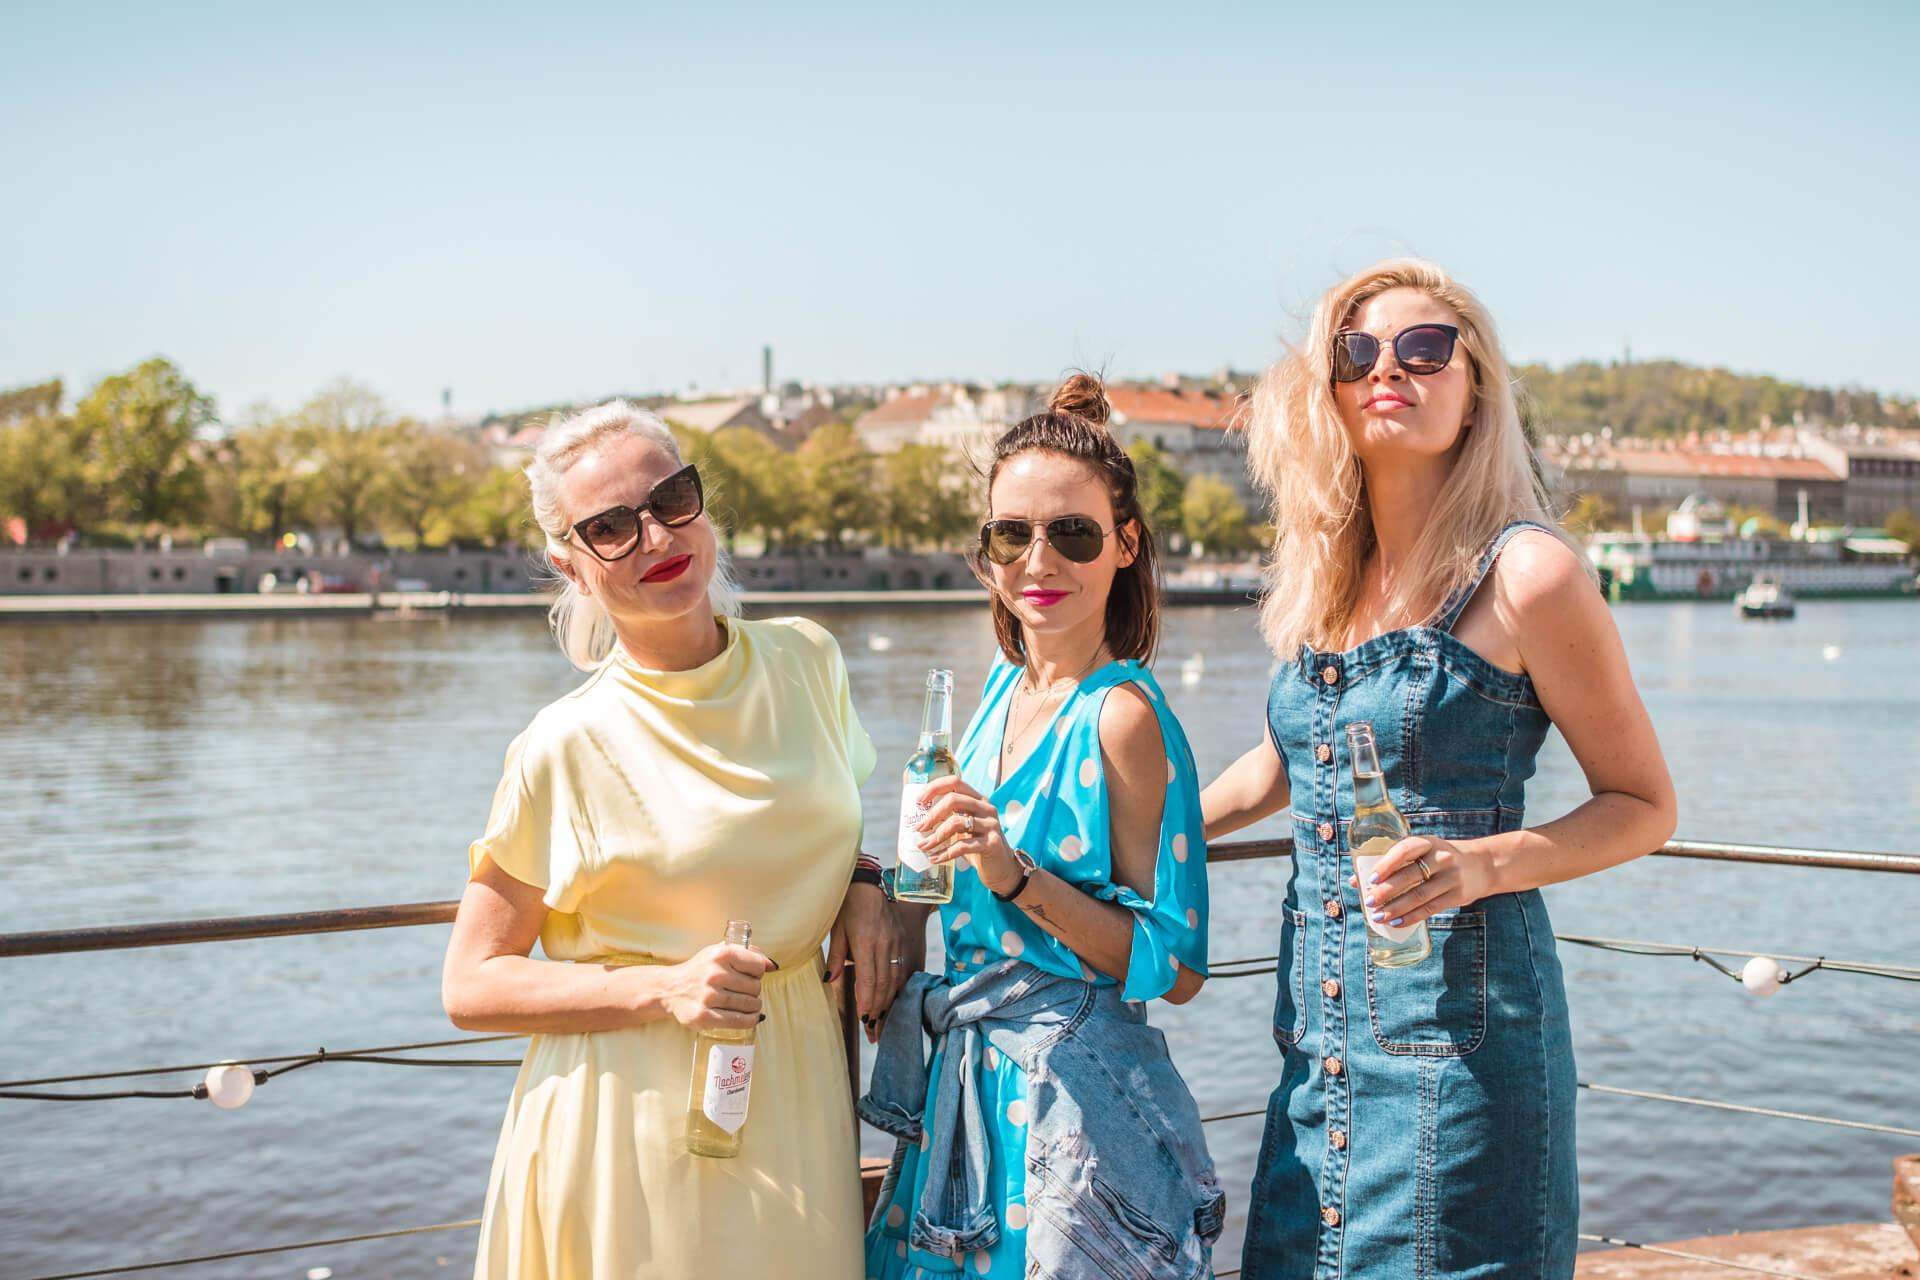 Nachmelené drží Martina Pártlová, Nikol Štíbrová, Veronika Arichteva na lodi na náplavce v Praze